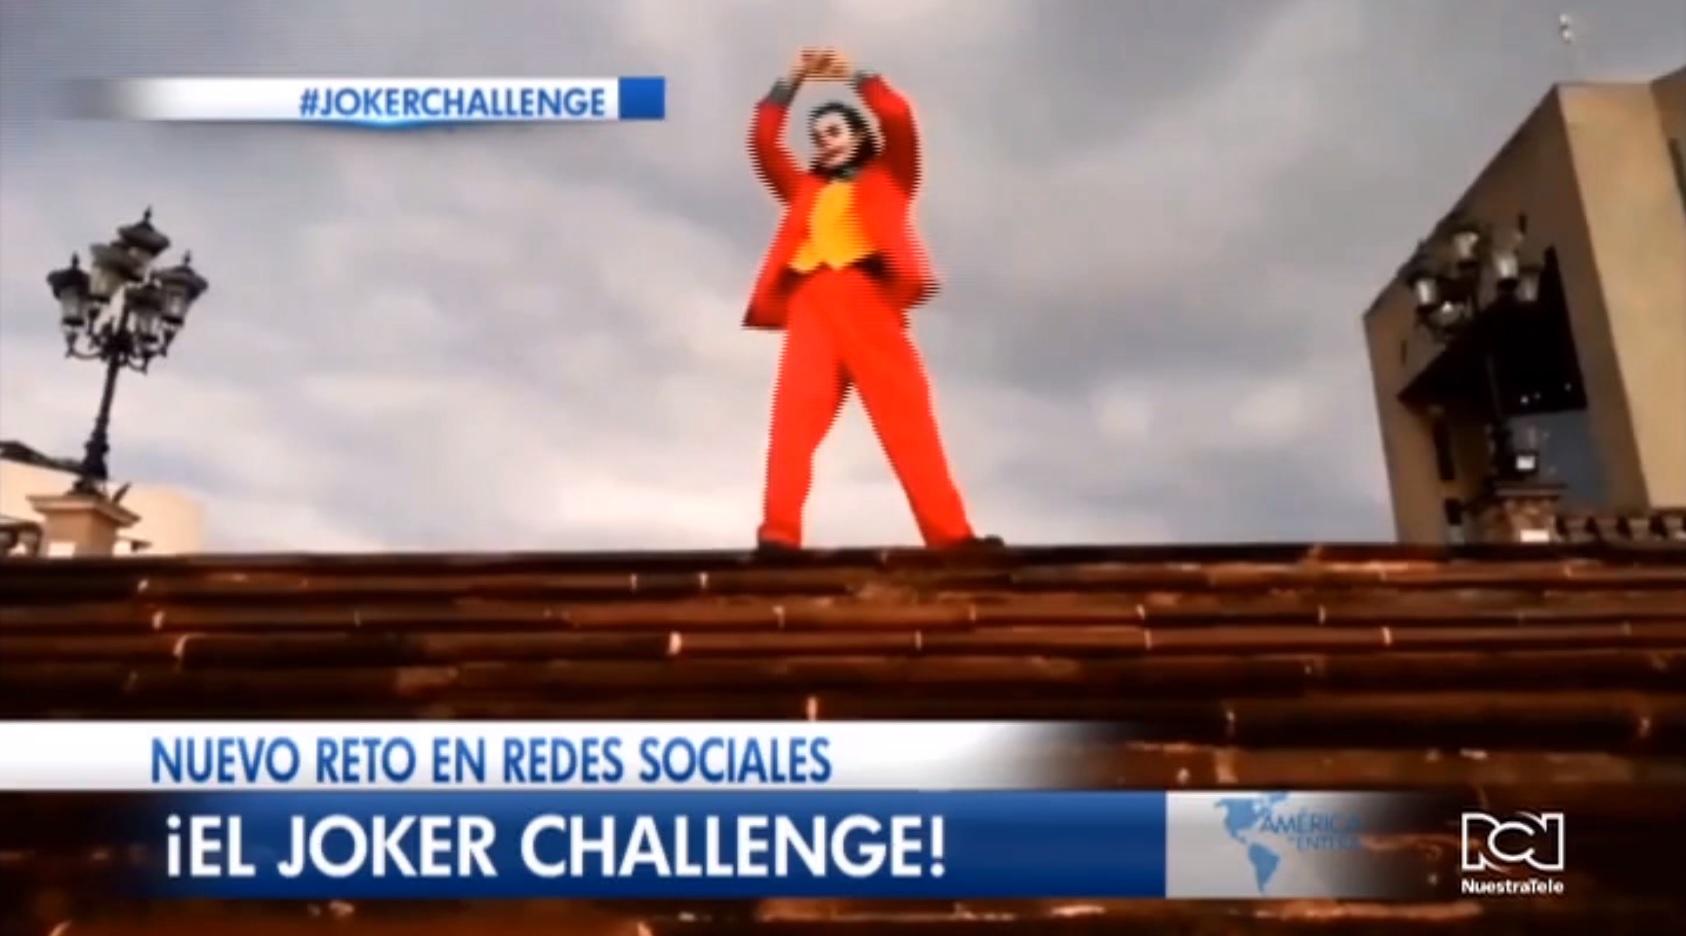 ¡El Joker Challenge! El nuevo reto viral que se impone en redes sociales